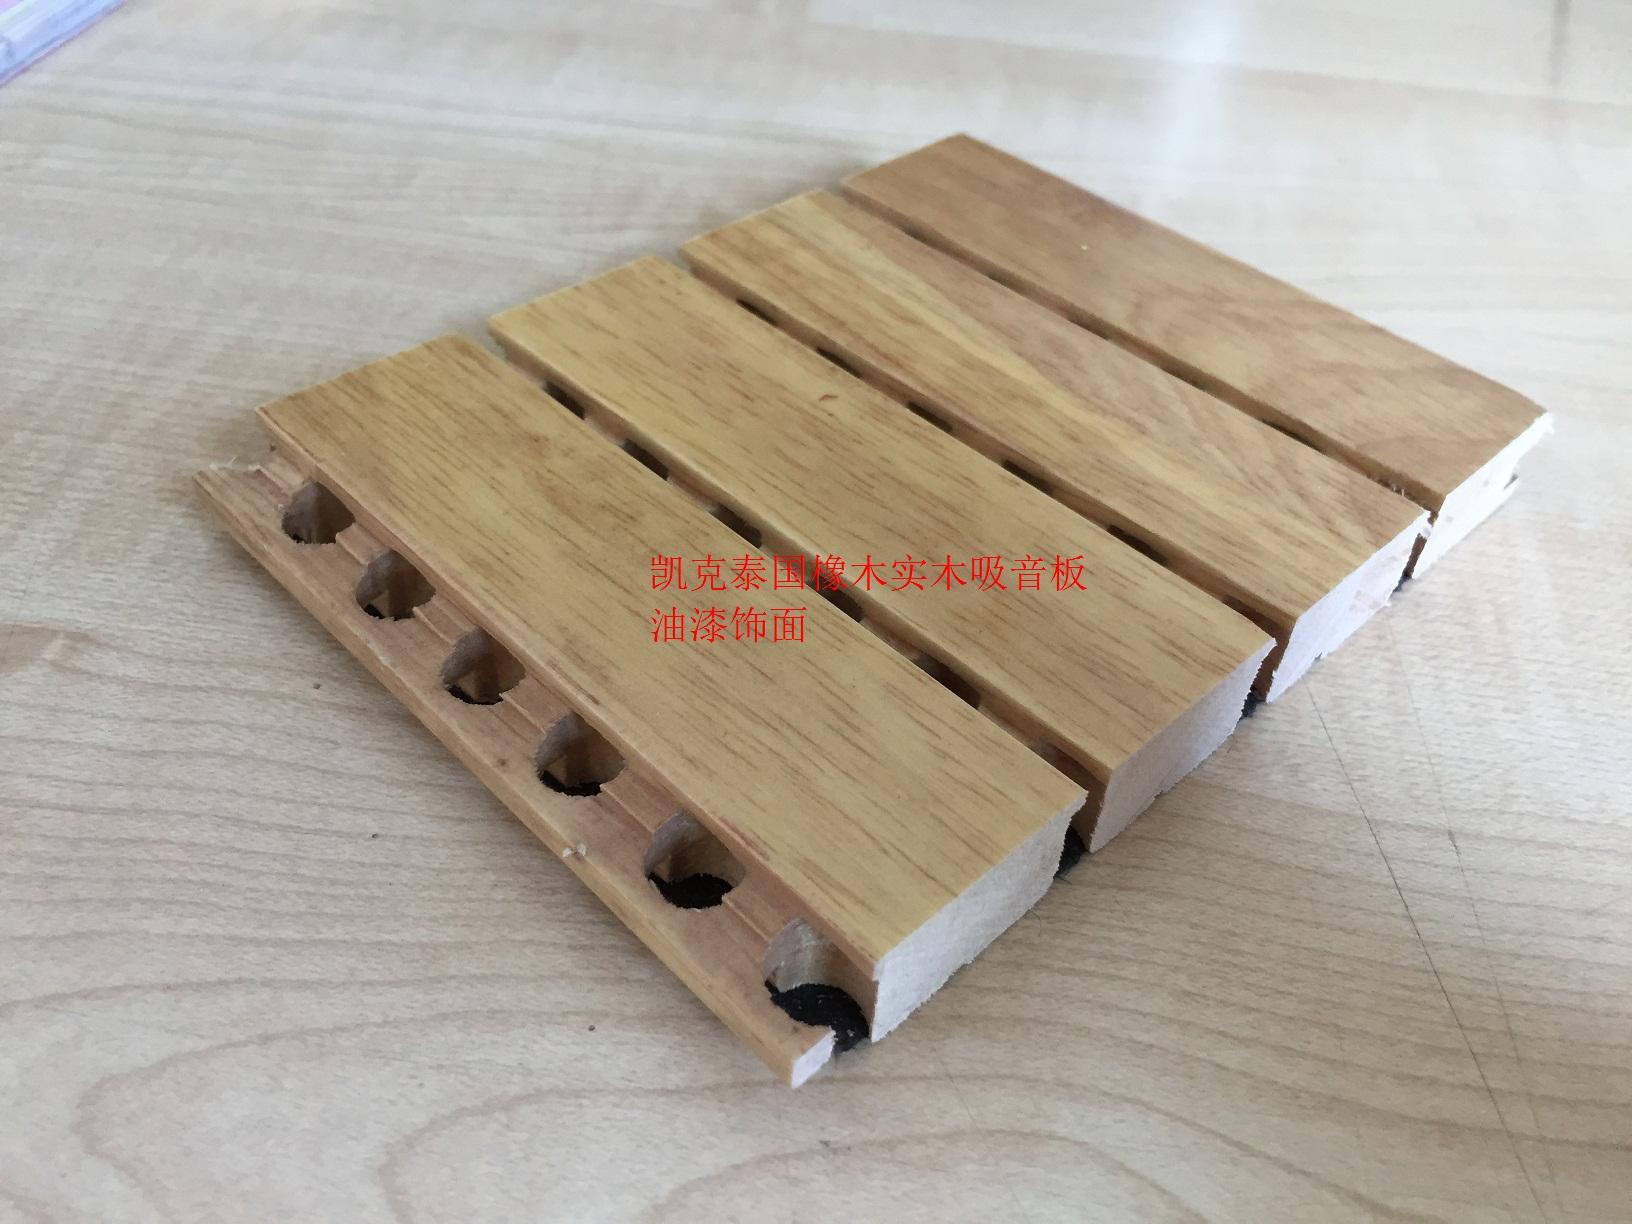 学院报告厅木质吸音材料